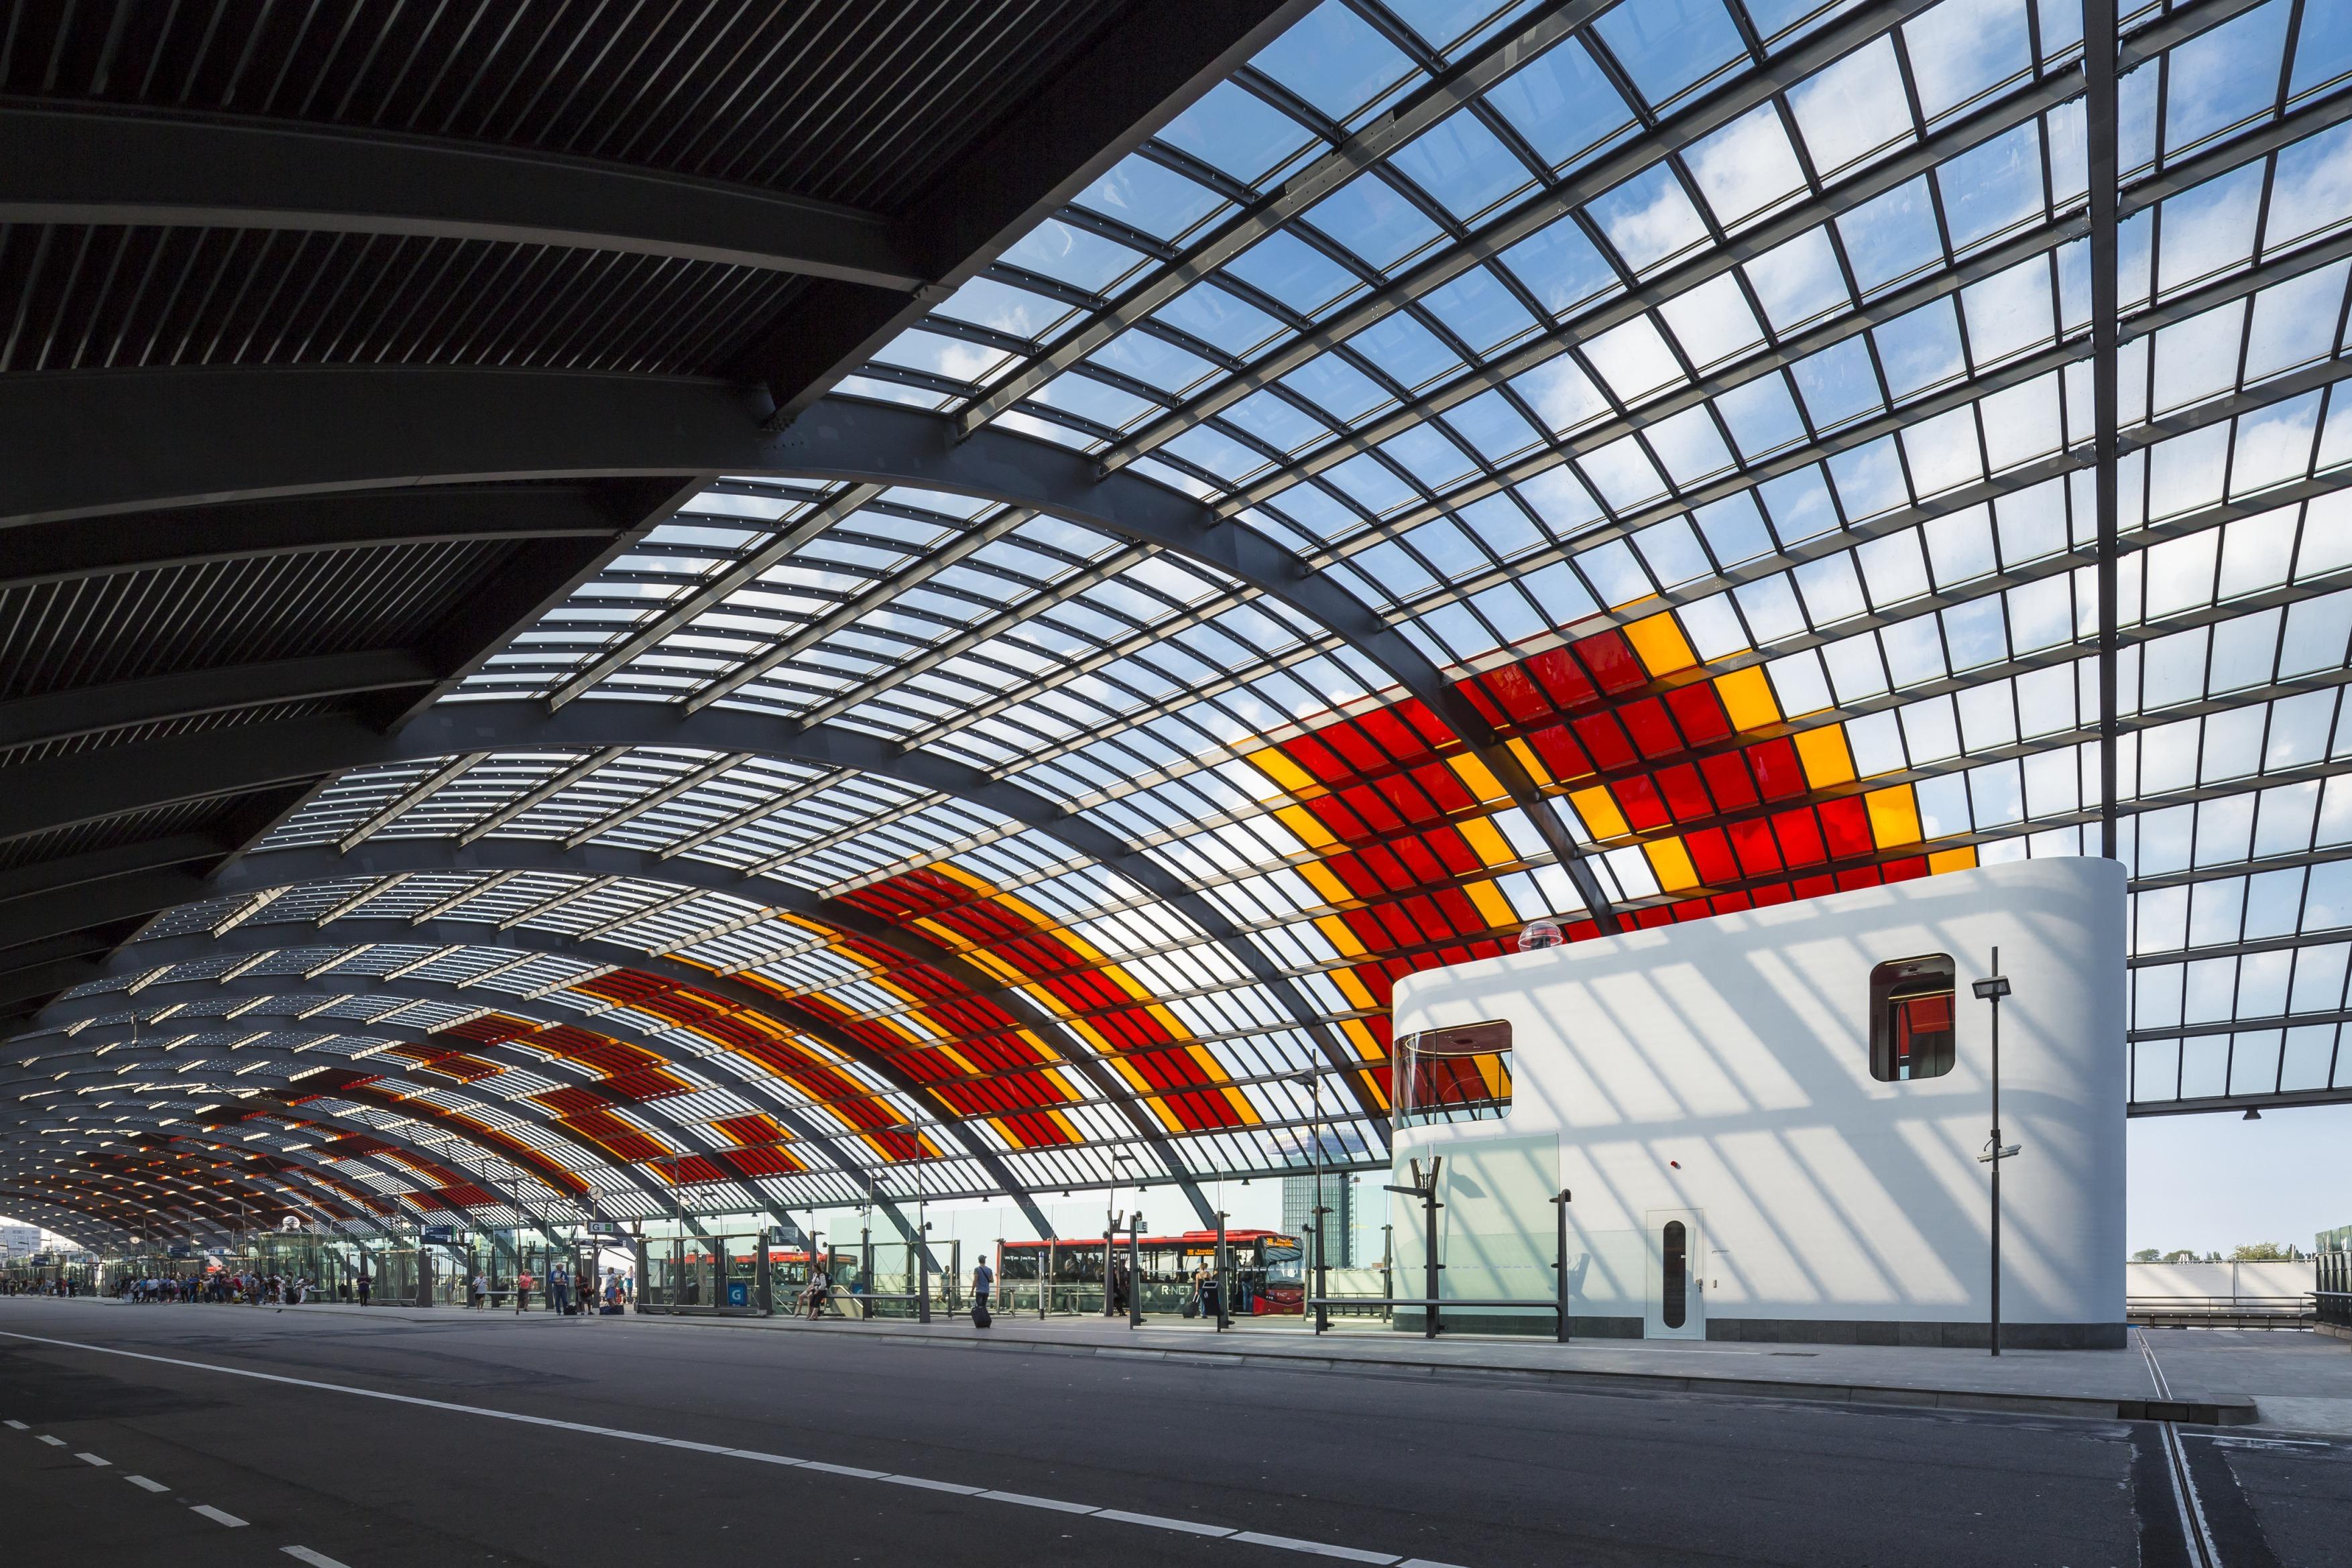 426 003 Chauffeursruimte busstation amsterdam Centraal N19 a4